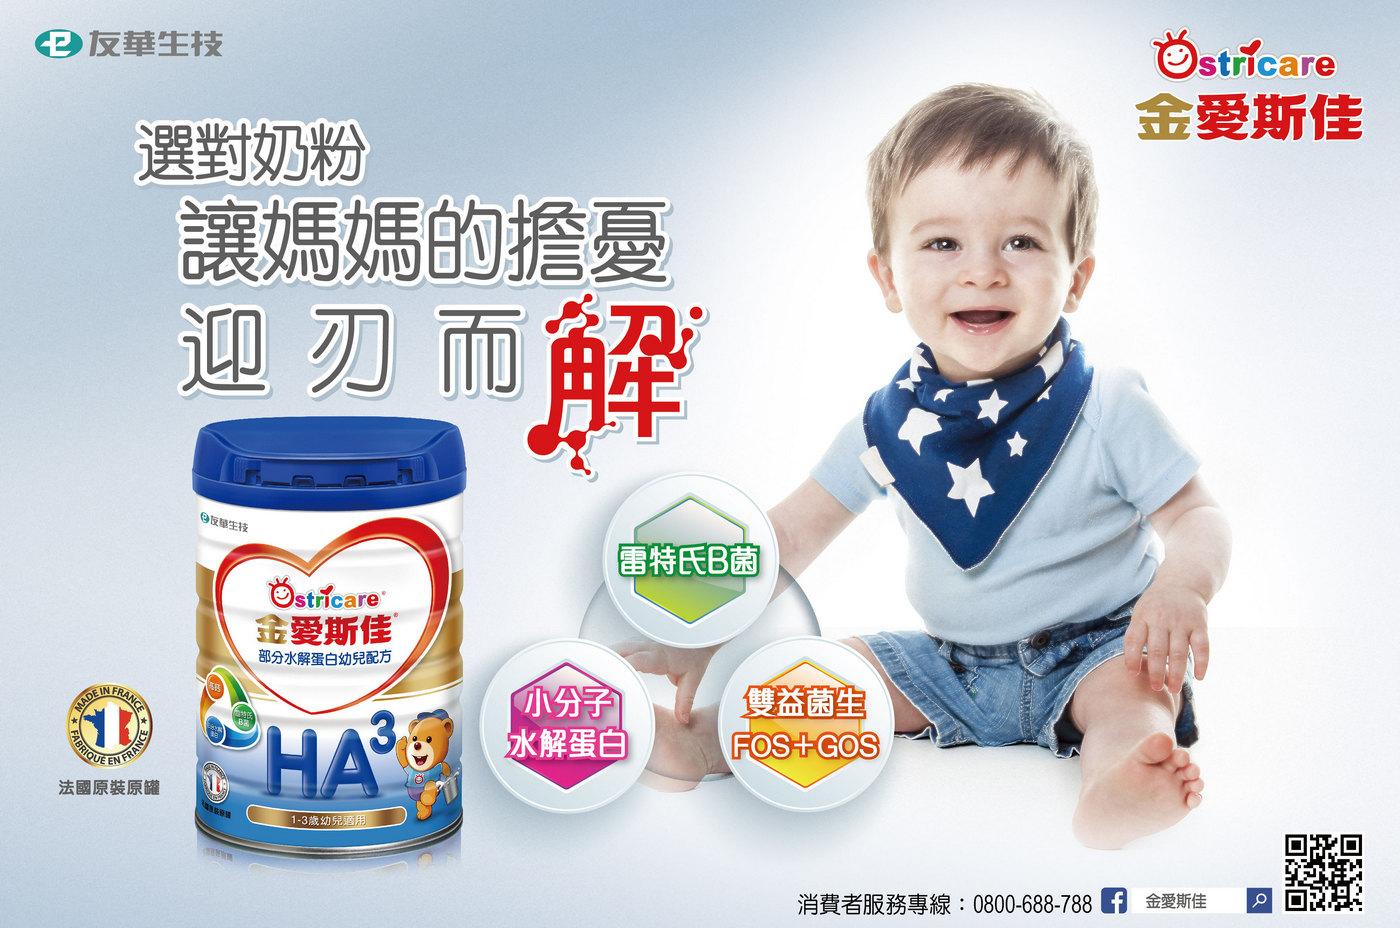 金愛斯佳部分水解蛋白幼兒配方 新品上市